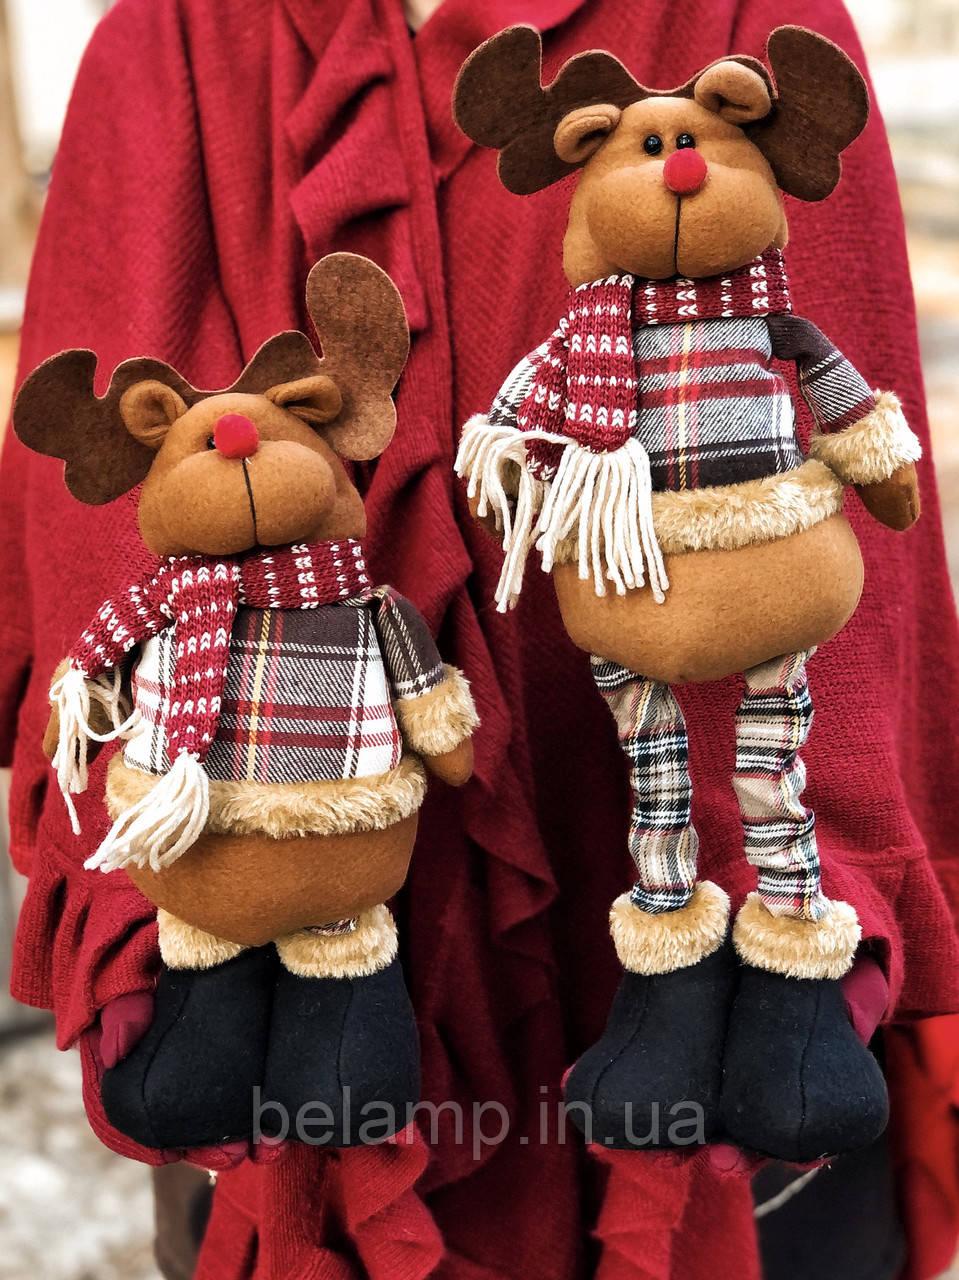 Новогоднее украшение  фигурка под ёлку в виде оленя с выдвижными ногами